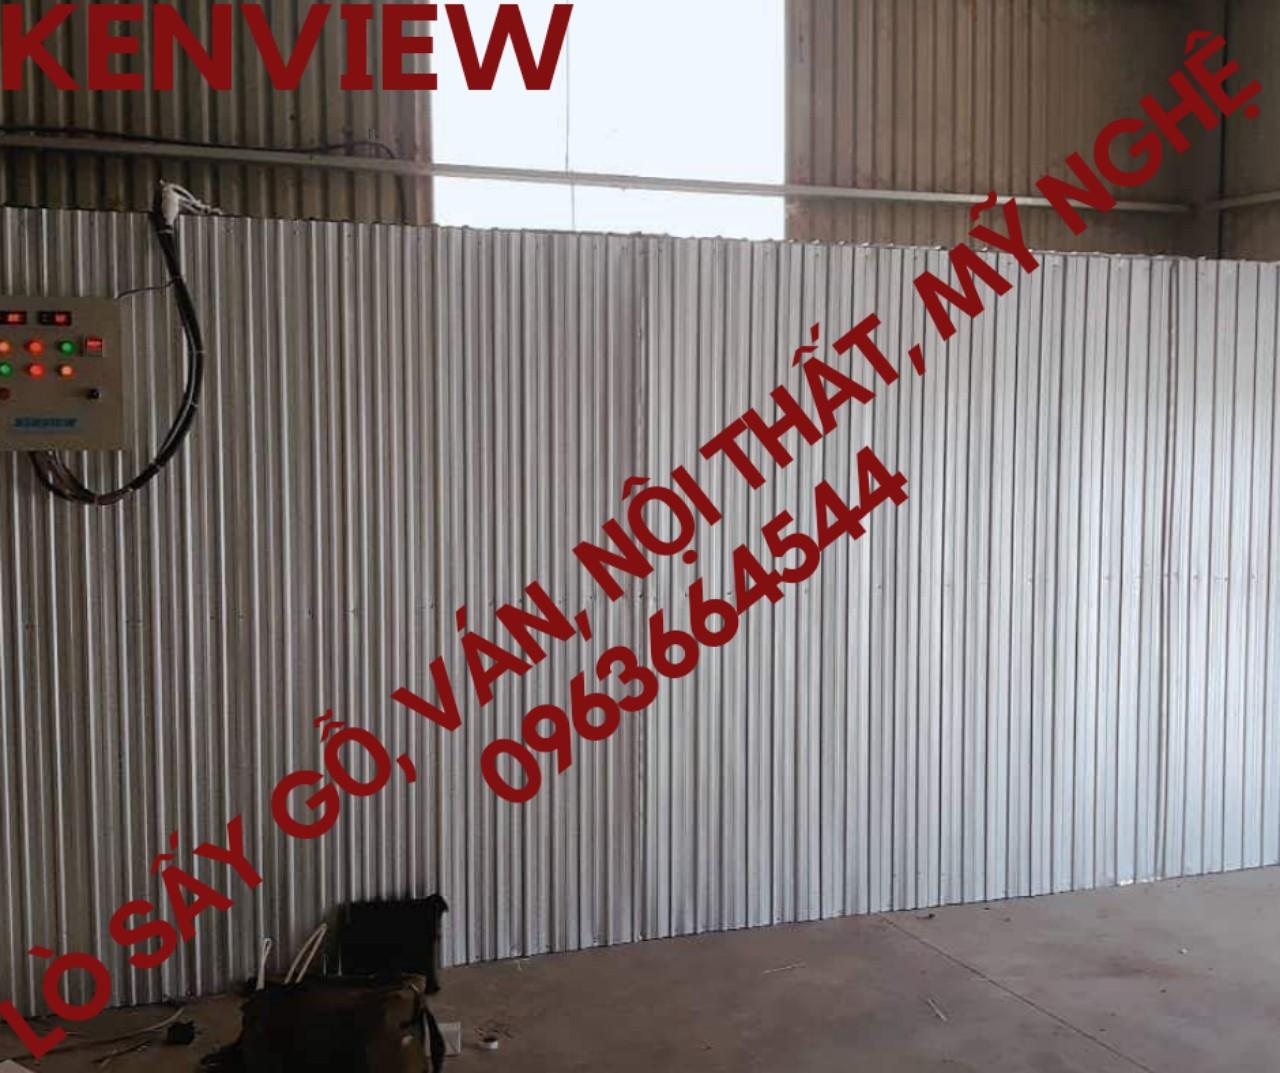 Lò sấy gỗ, ván, nội thất, mỹ nghệ 0963664544